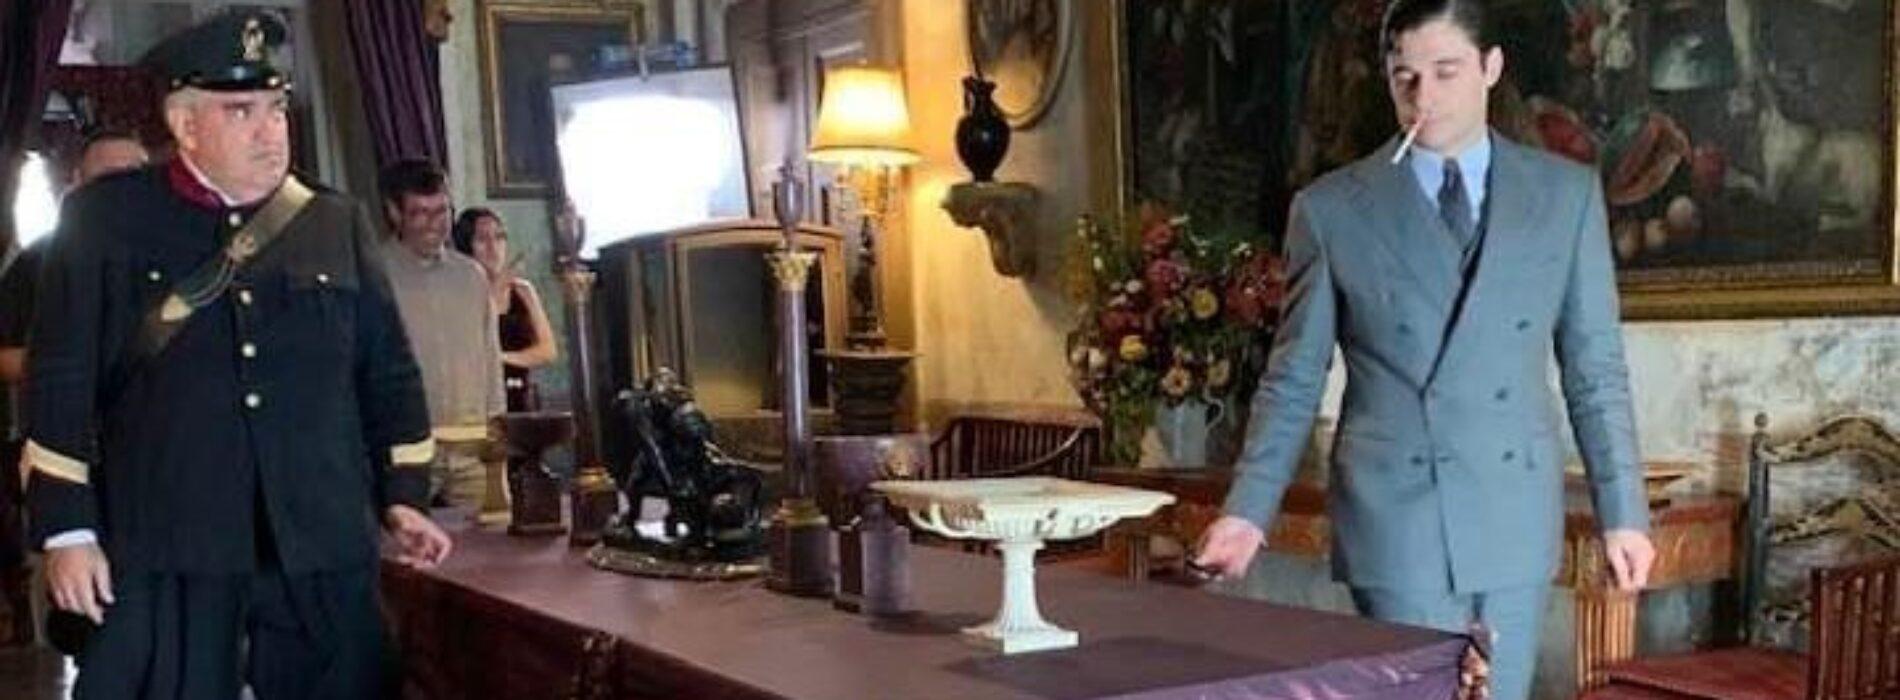 Capodrise in tv, ecco il commissario Ricciardi a palazzo Mondo